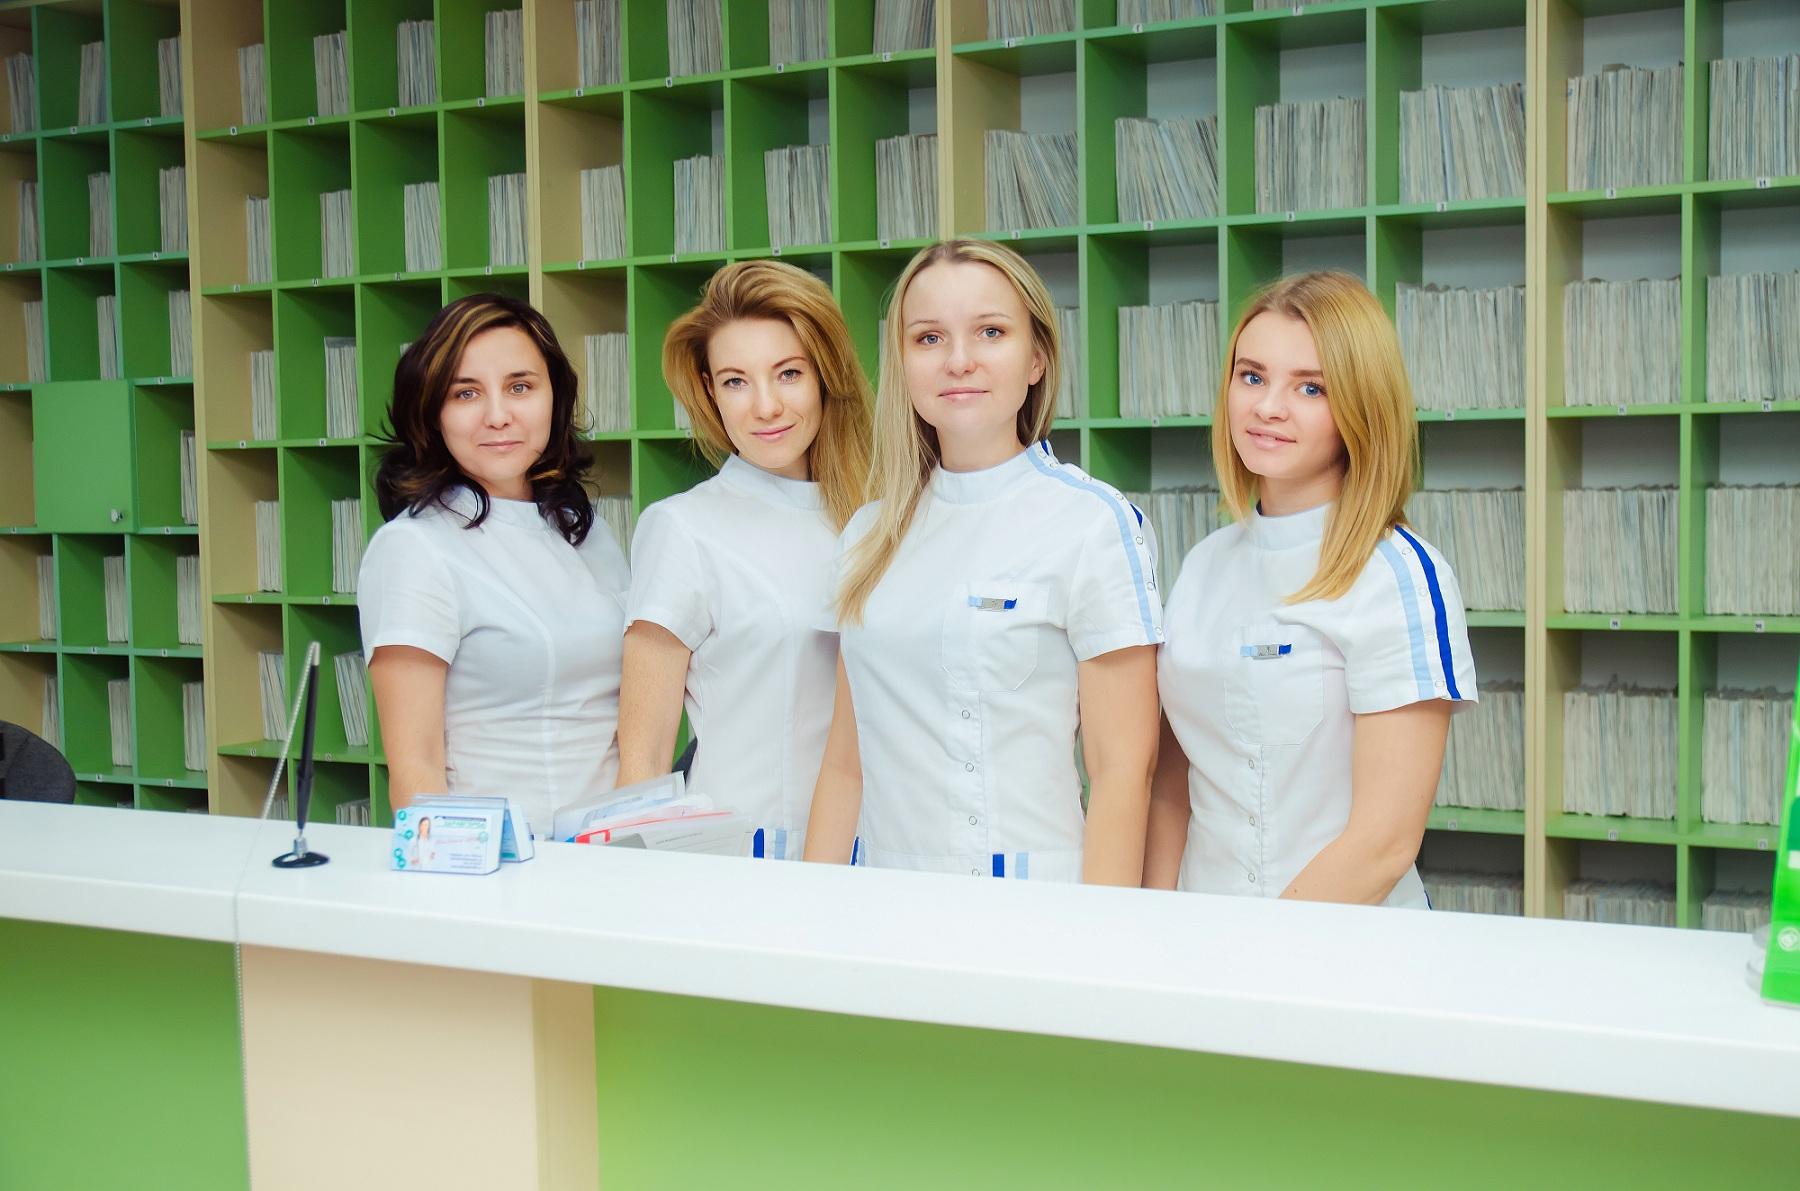 С 1 октября новые бесплатные услуги появились в частных медицинских клиниках - пресс-служба Госдумы